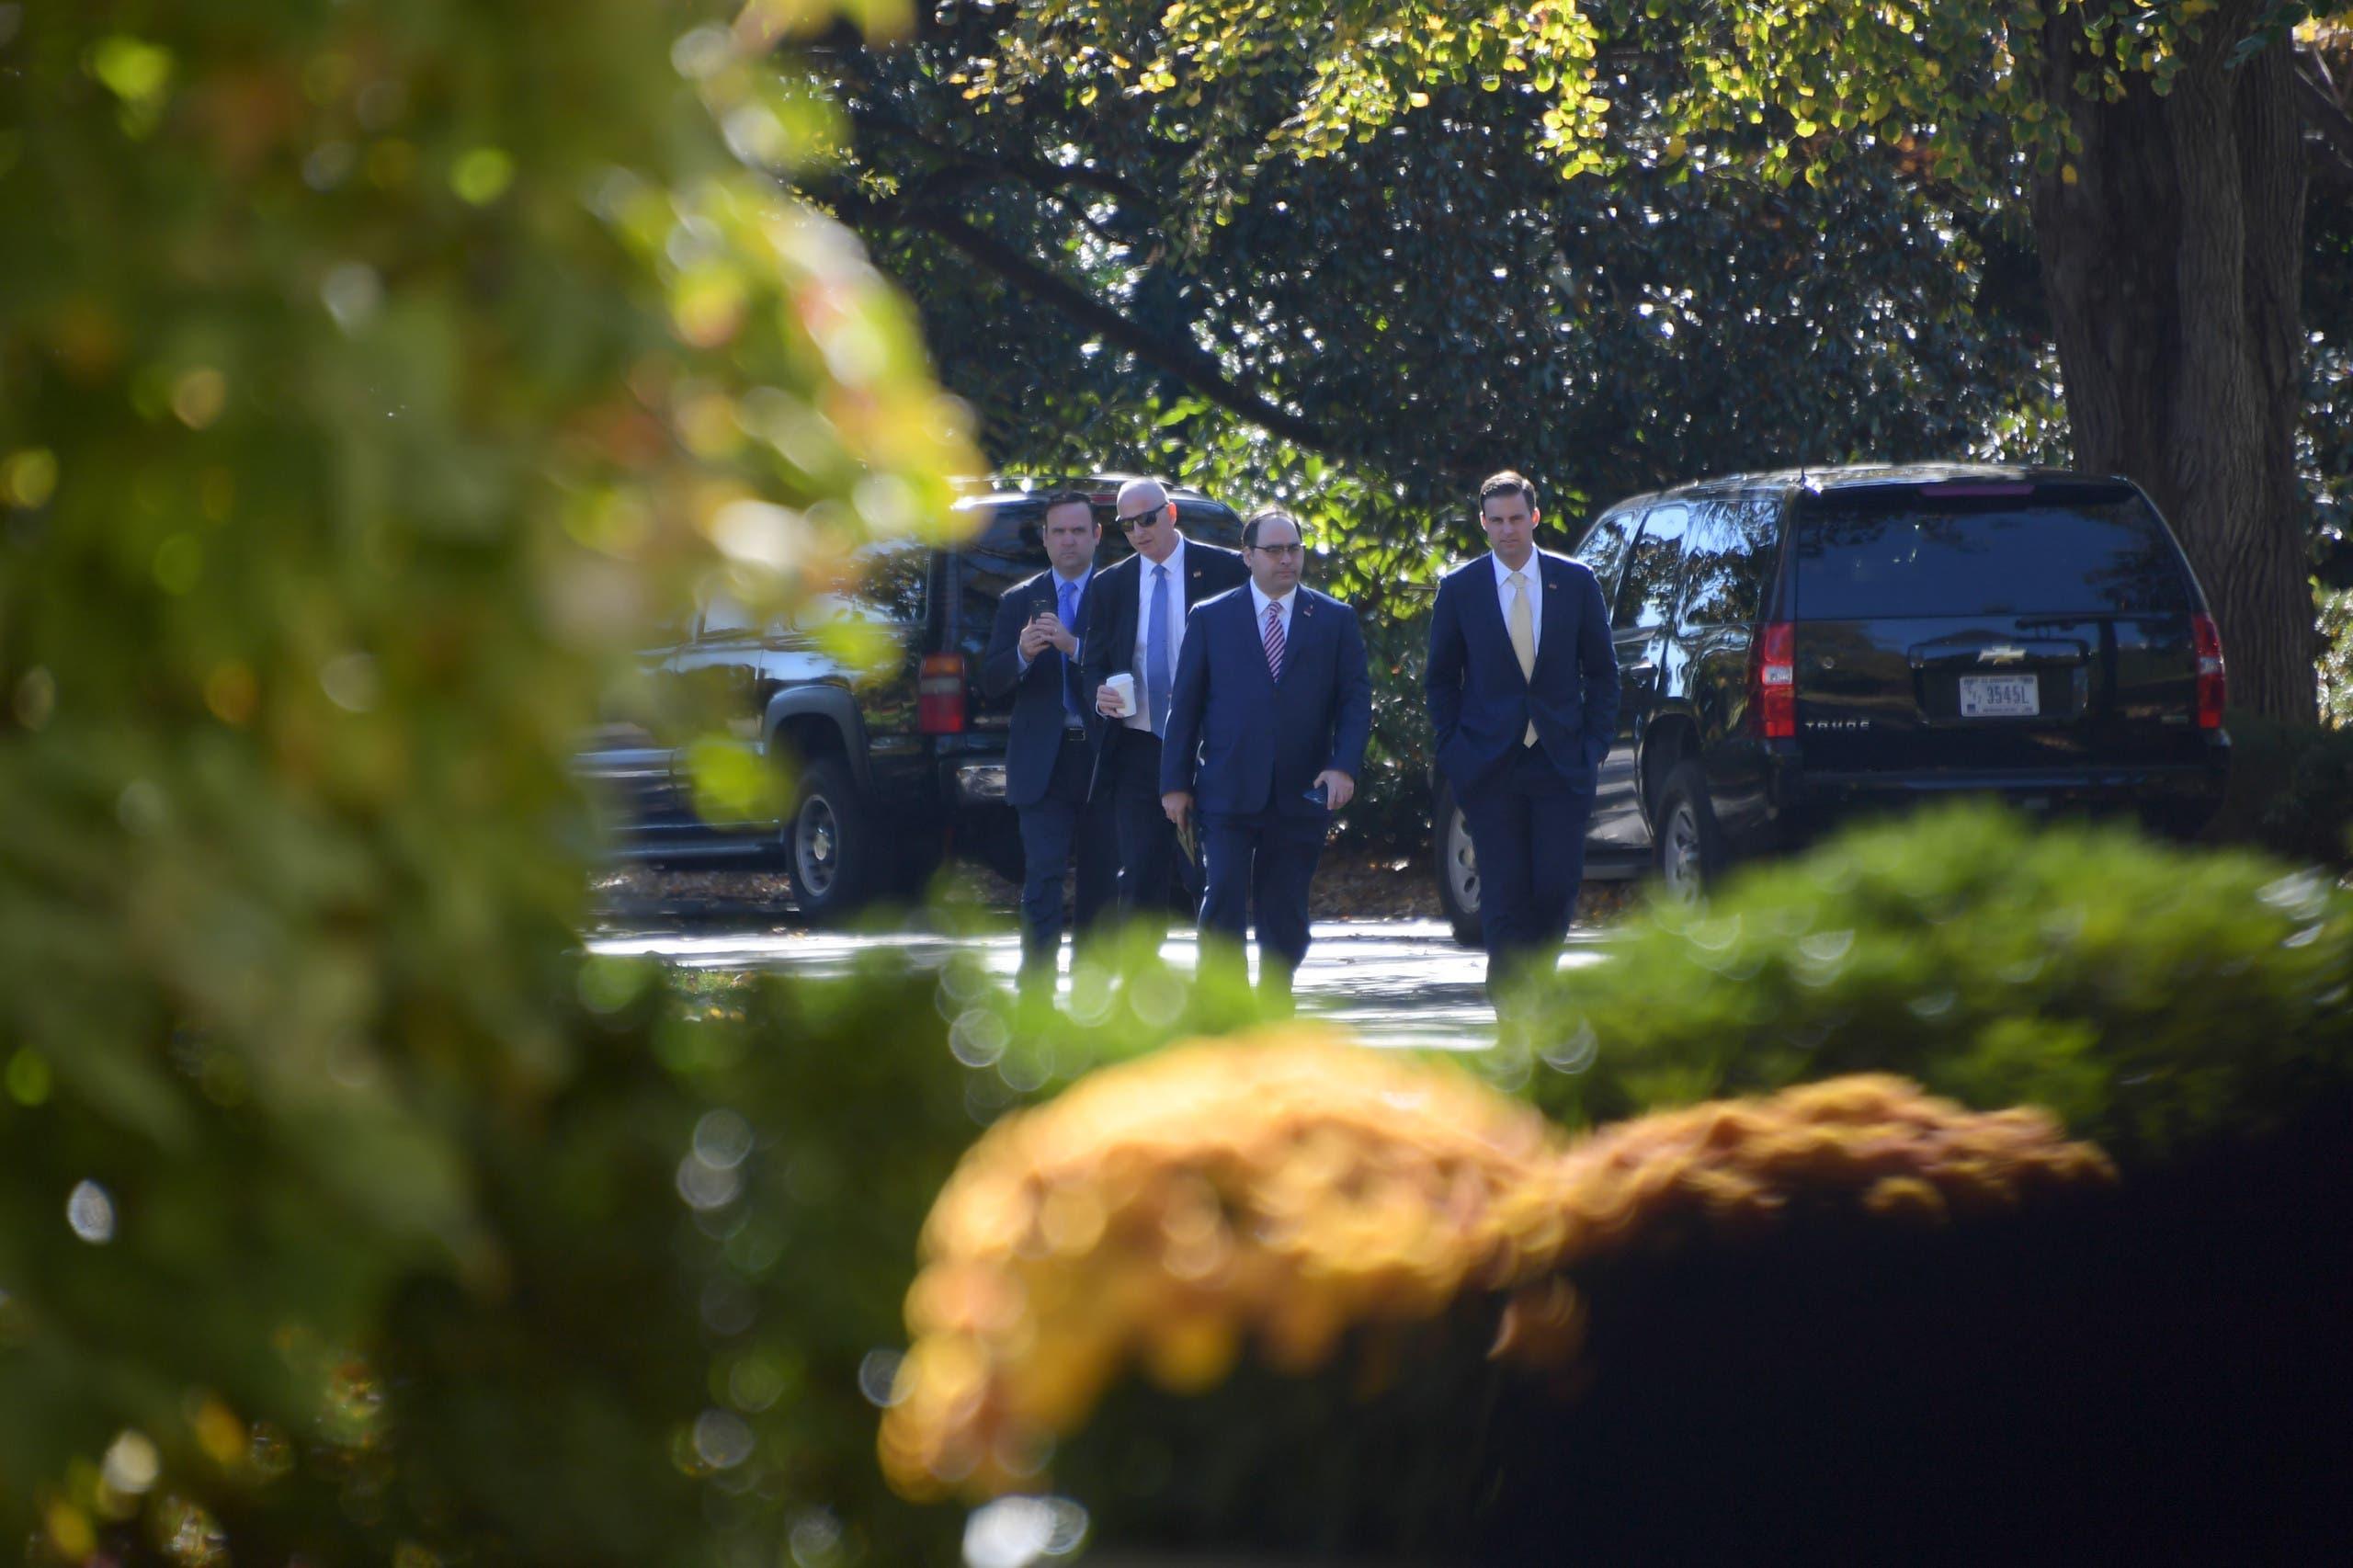 مساعدو ترمب يدخلون البيت الأبيض للمشاركة في الاجتماع حول ترتيبات انتقال السلطة